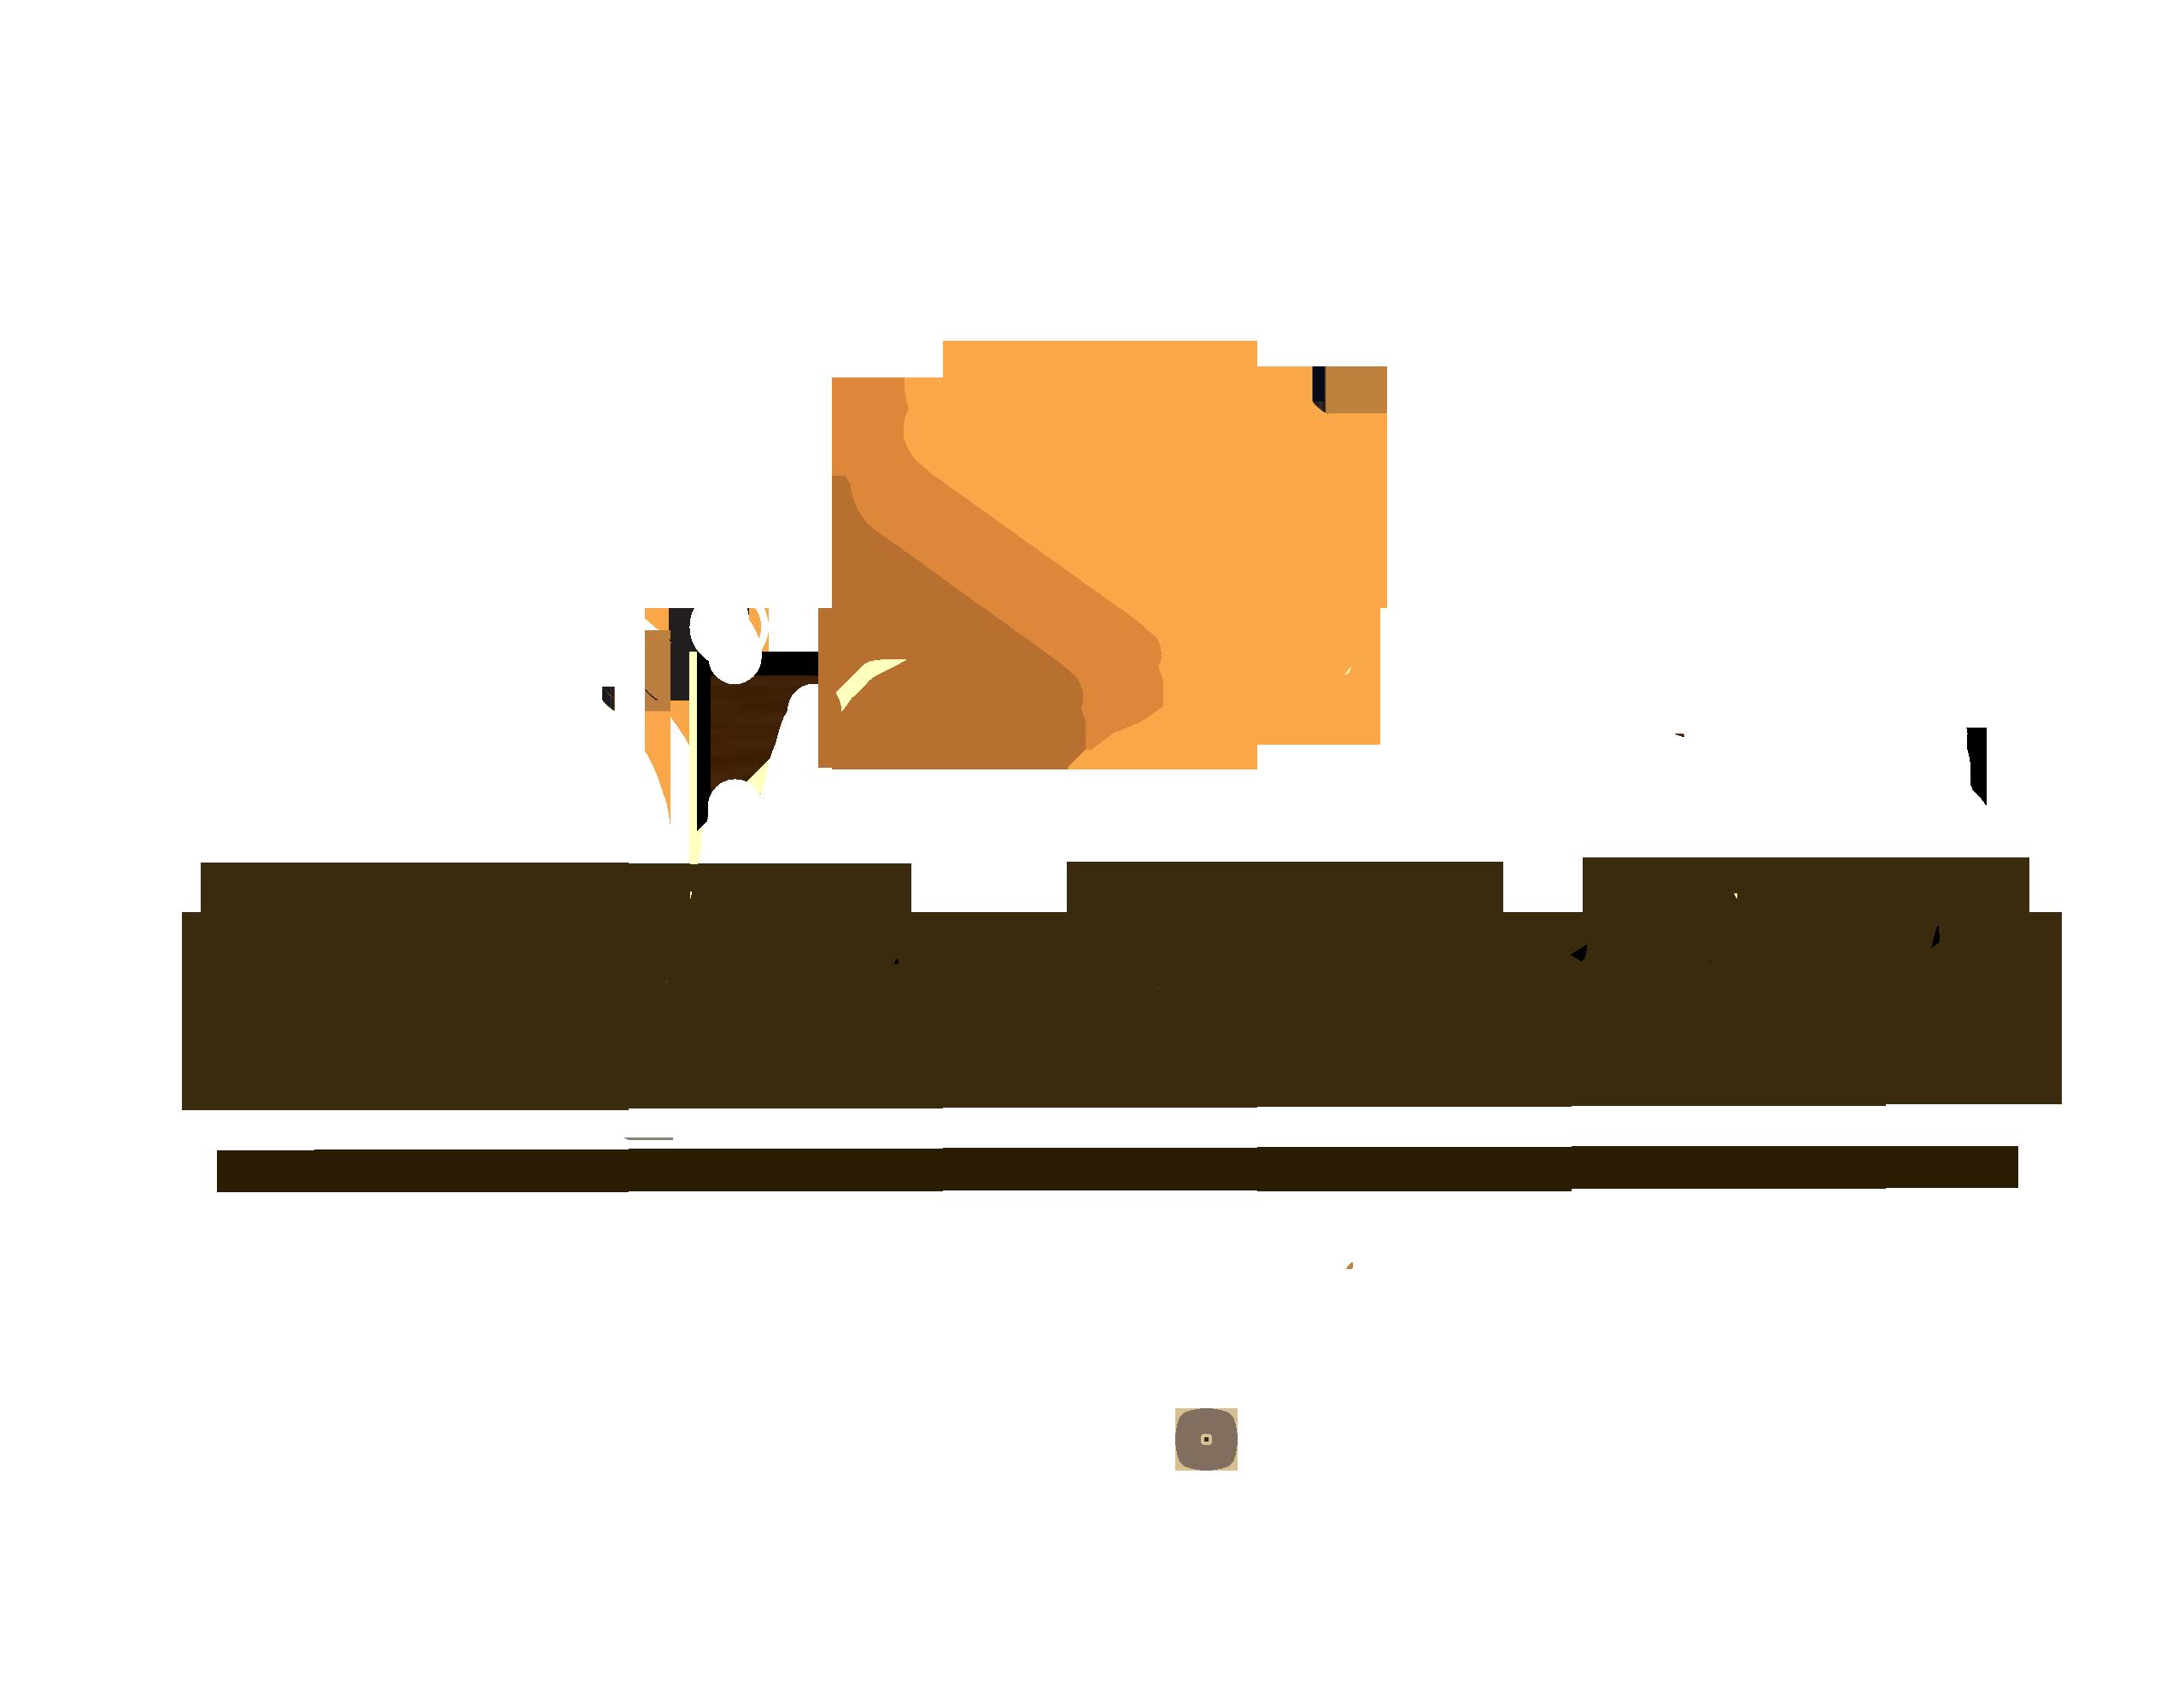 Ребрендинг/Редизайн логотипа Мебельной Фабрики фото f_0725491e73da9c02.png